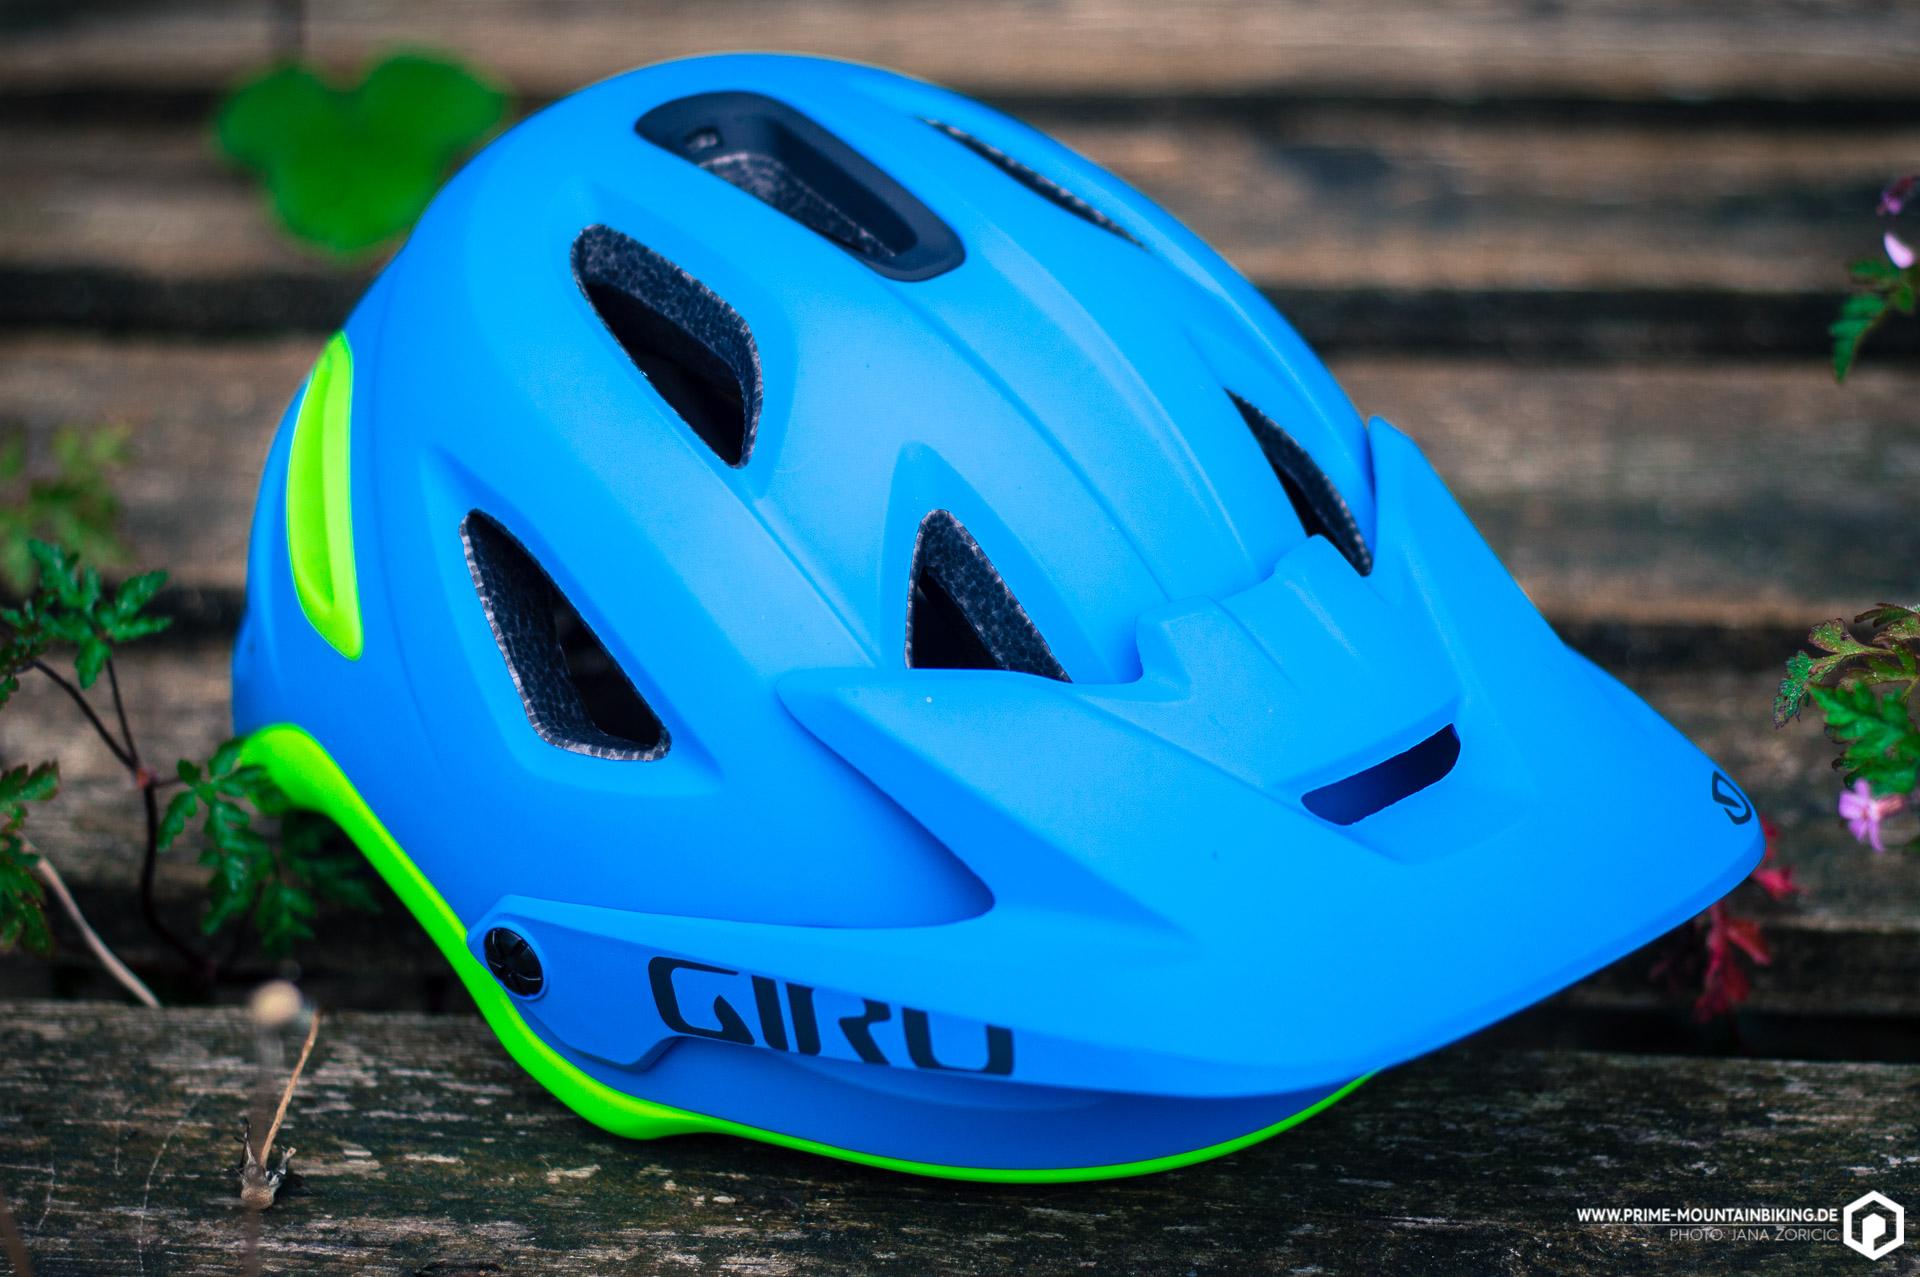 Der Giro Helm kommt in gewohnt formvollendeten Design daher.